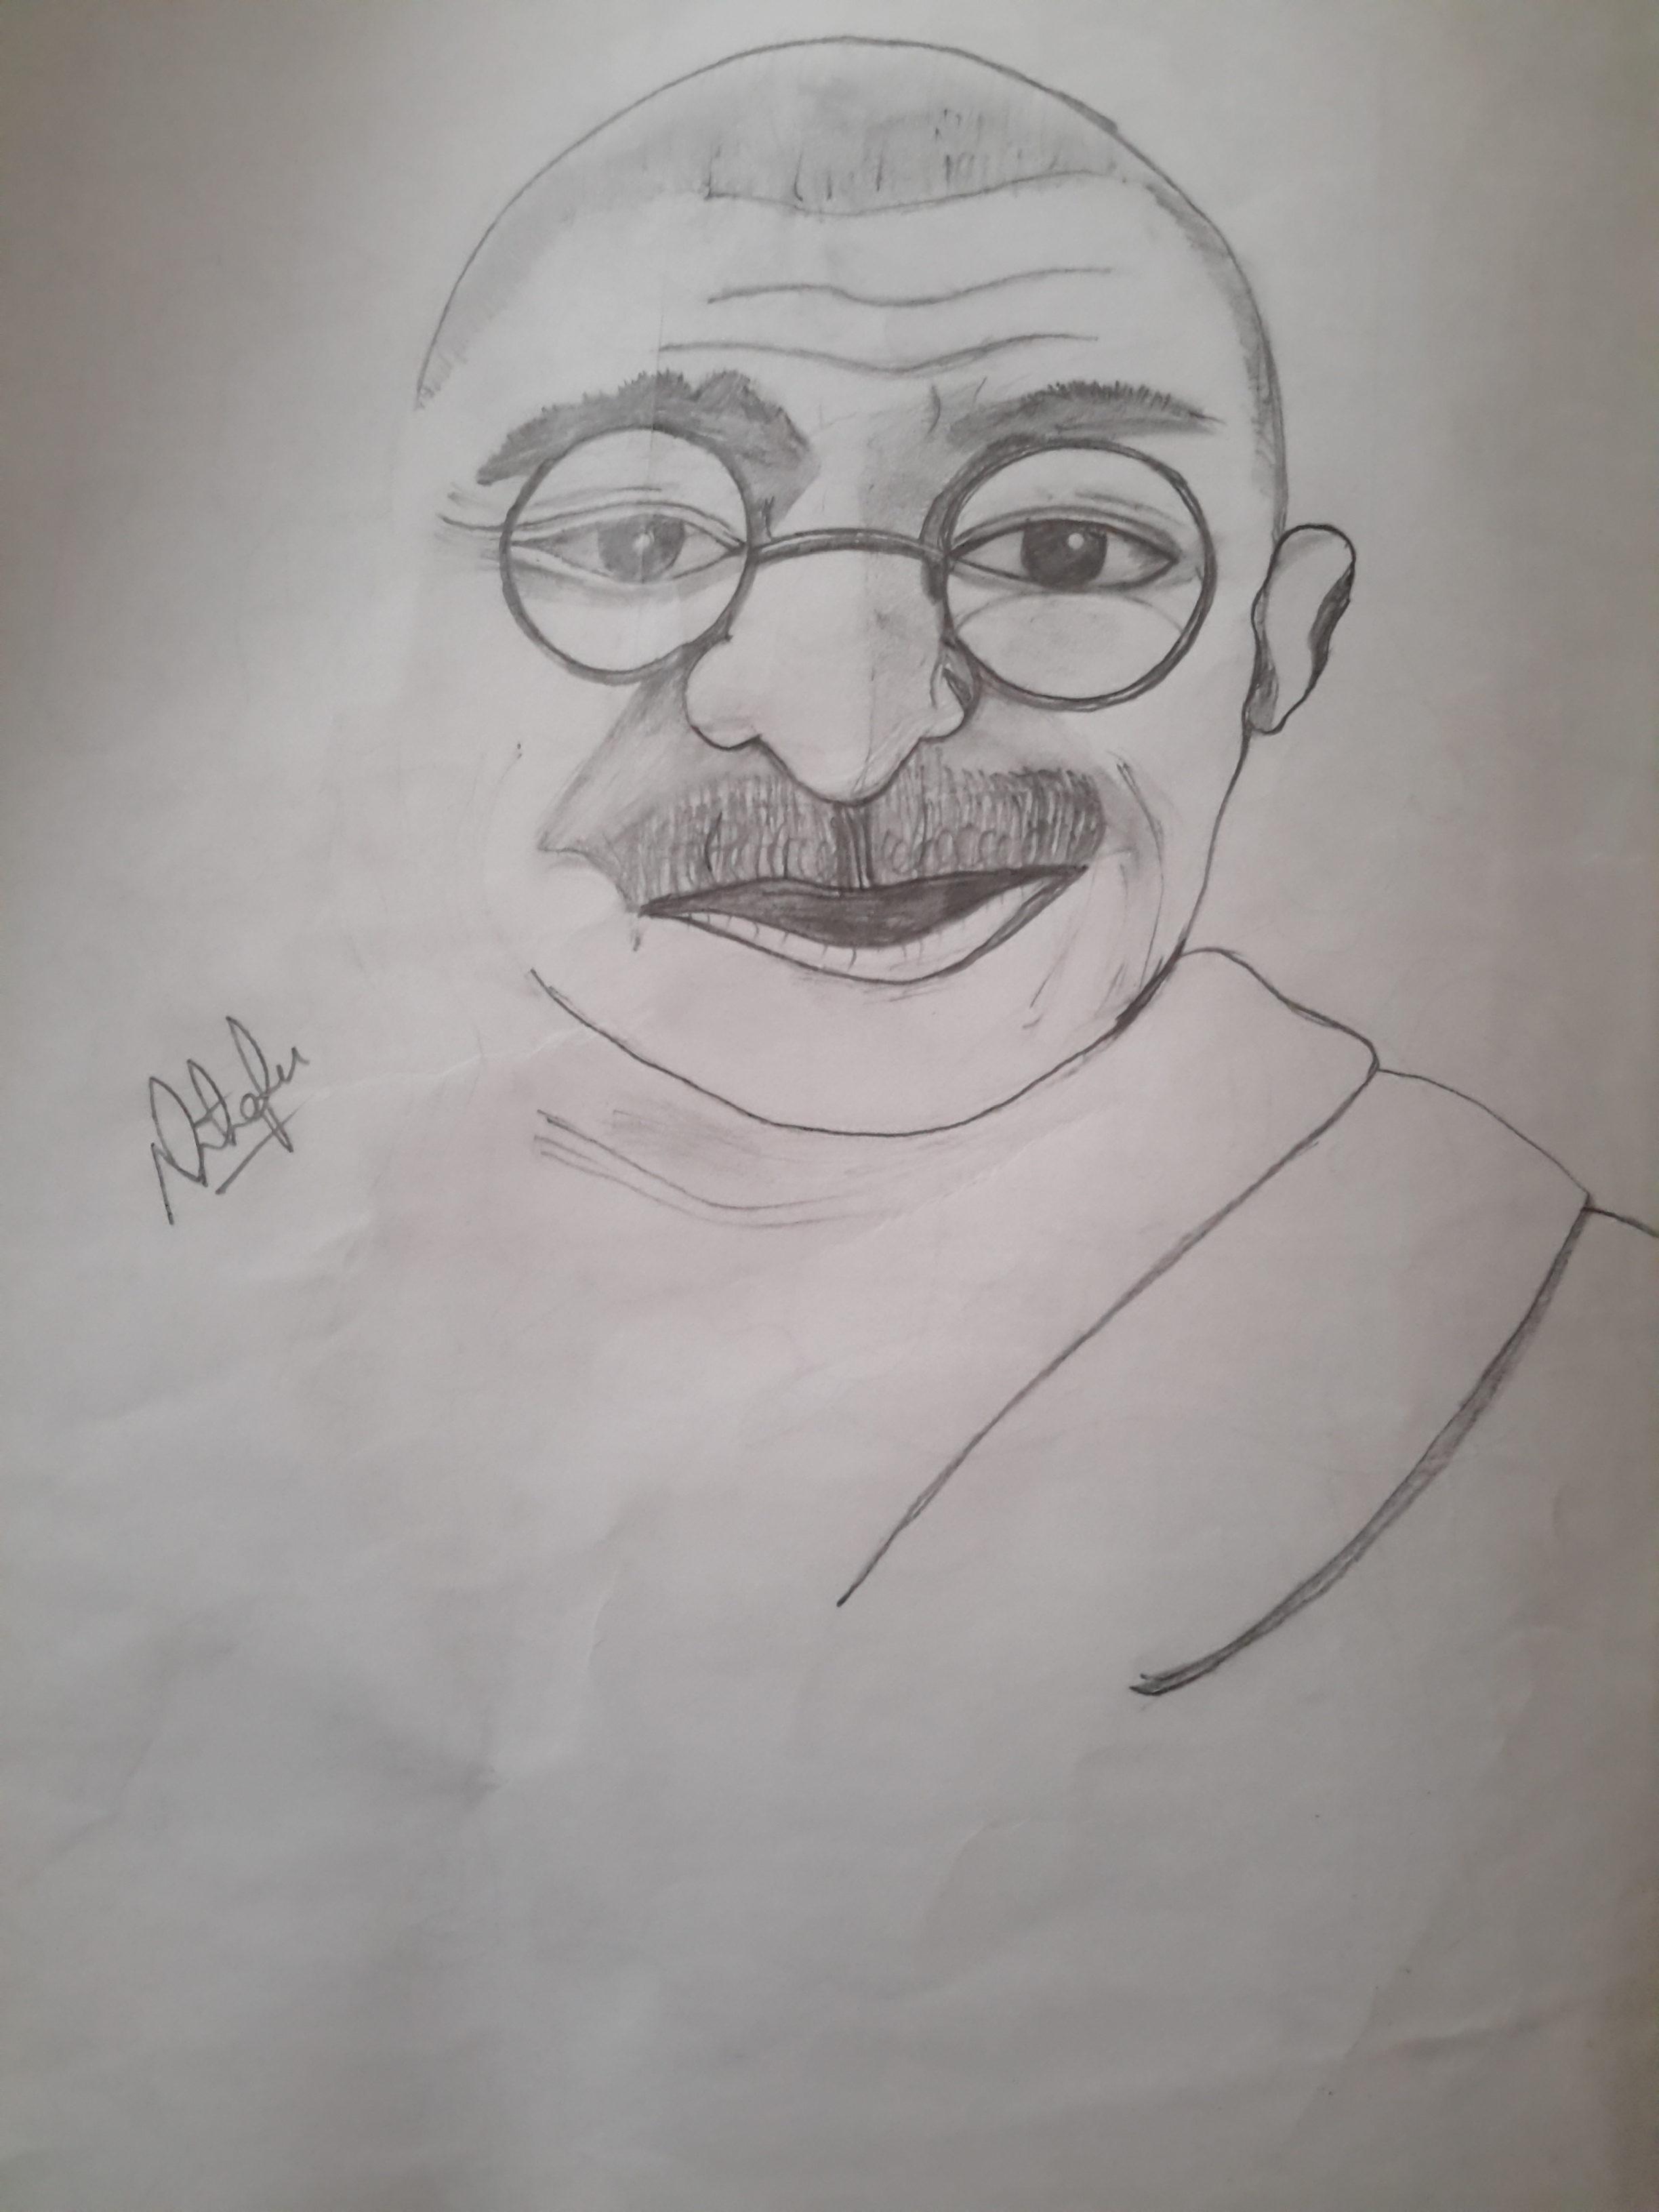 Indian National Leader Mahatma Gandhi Samantha Bell